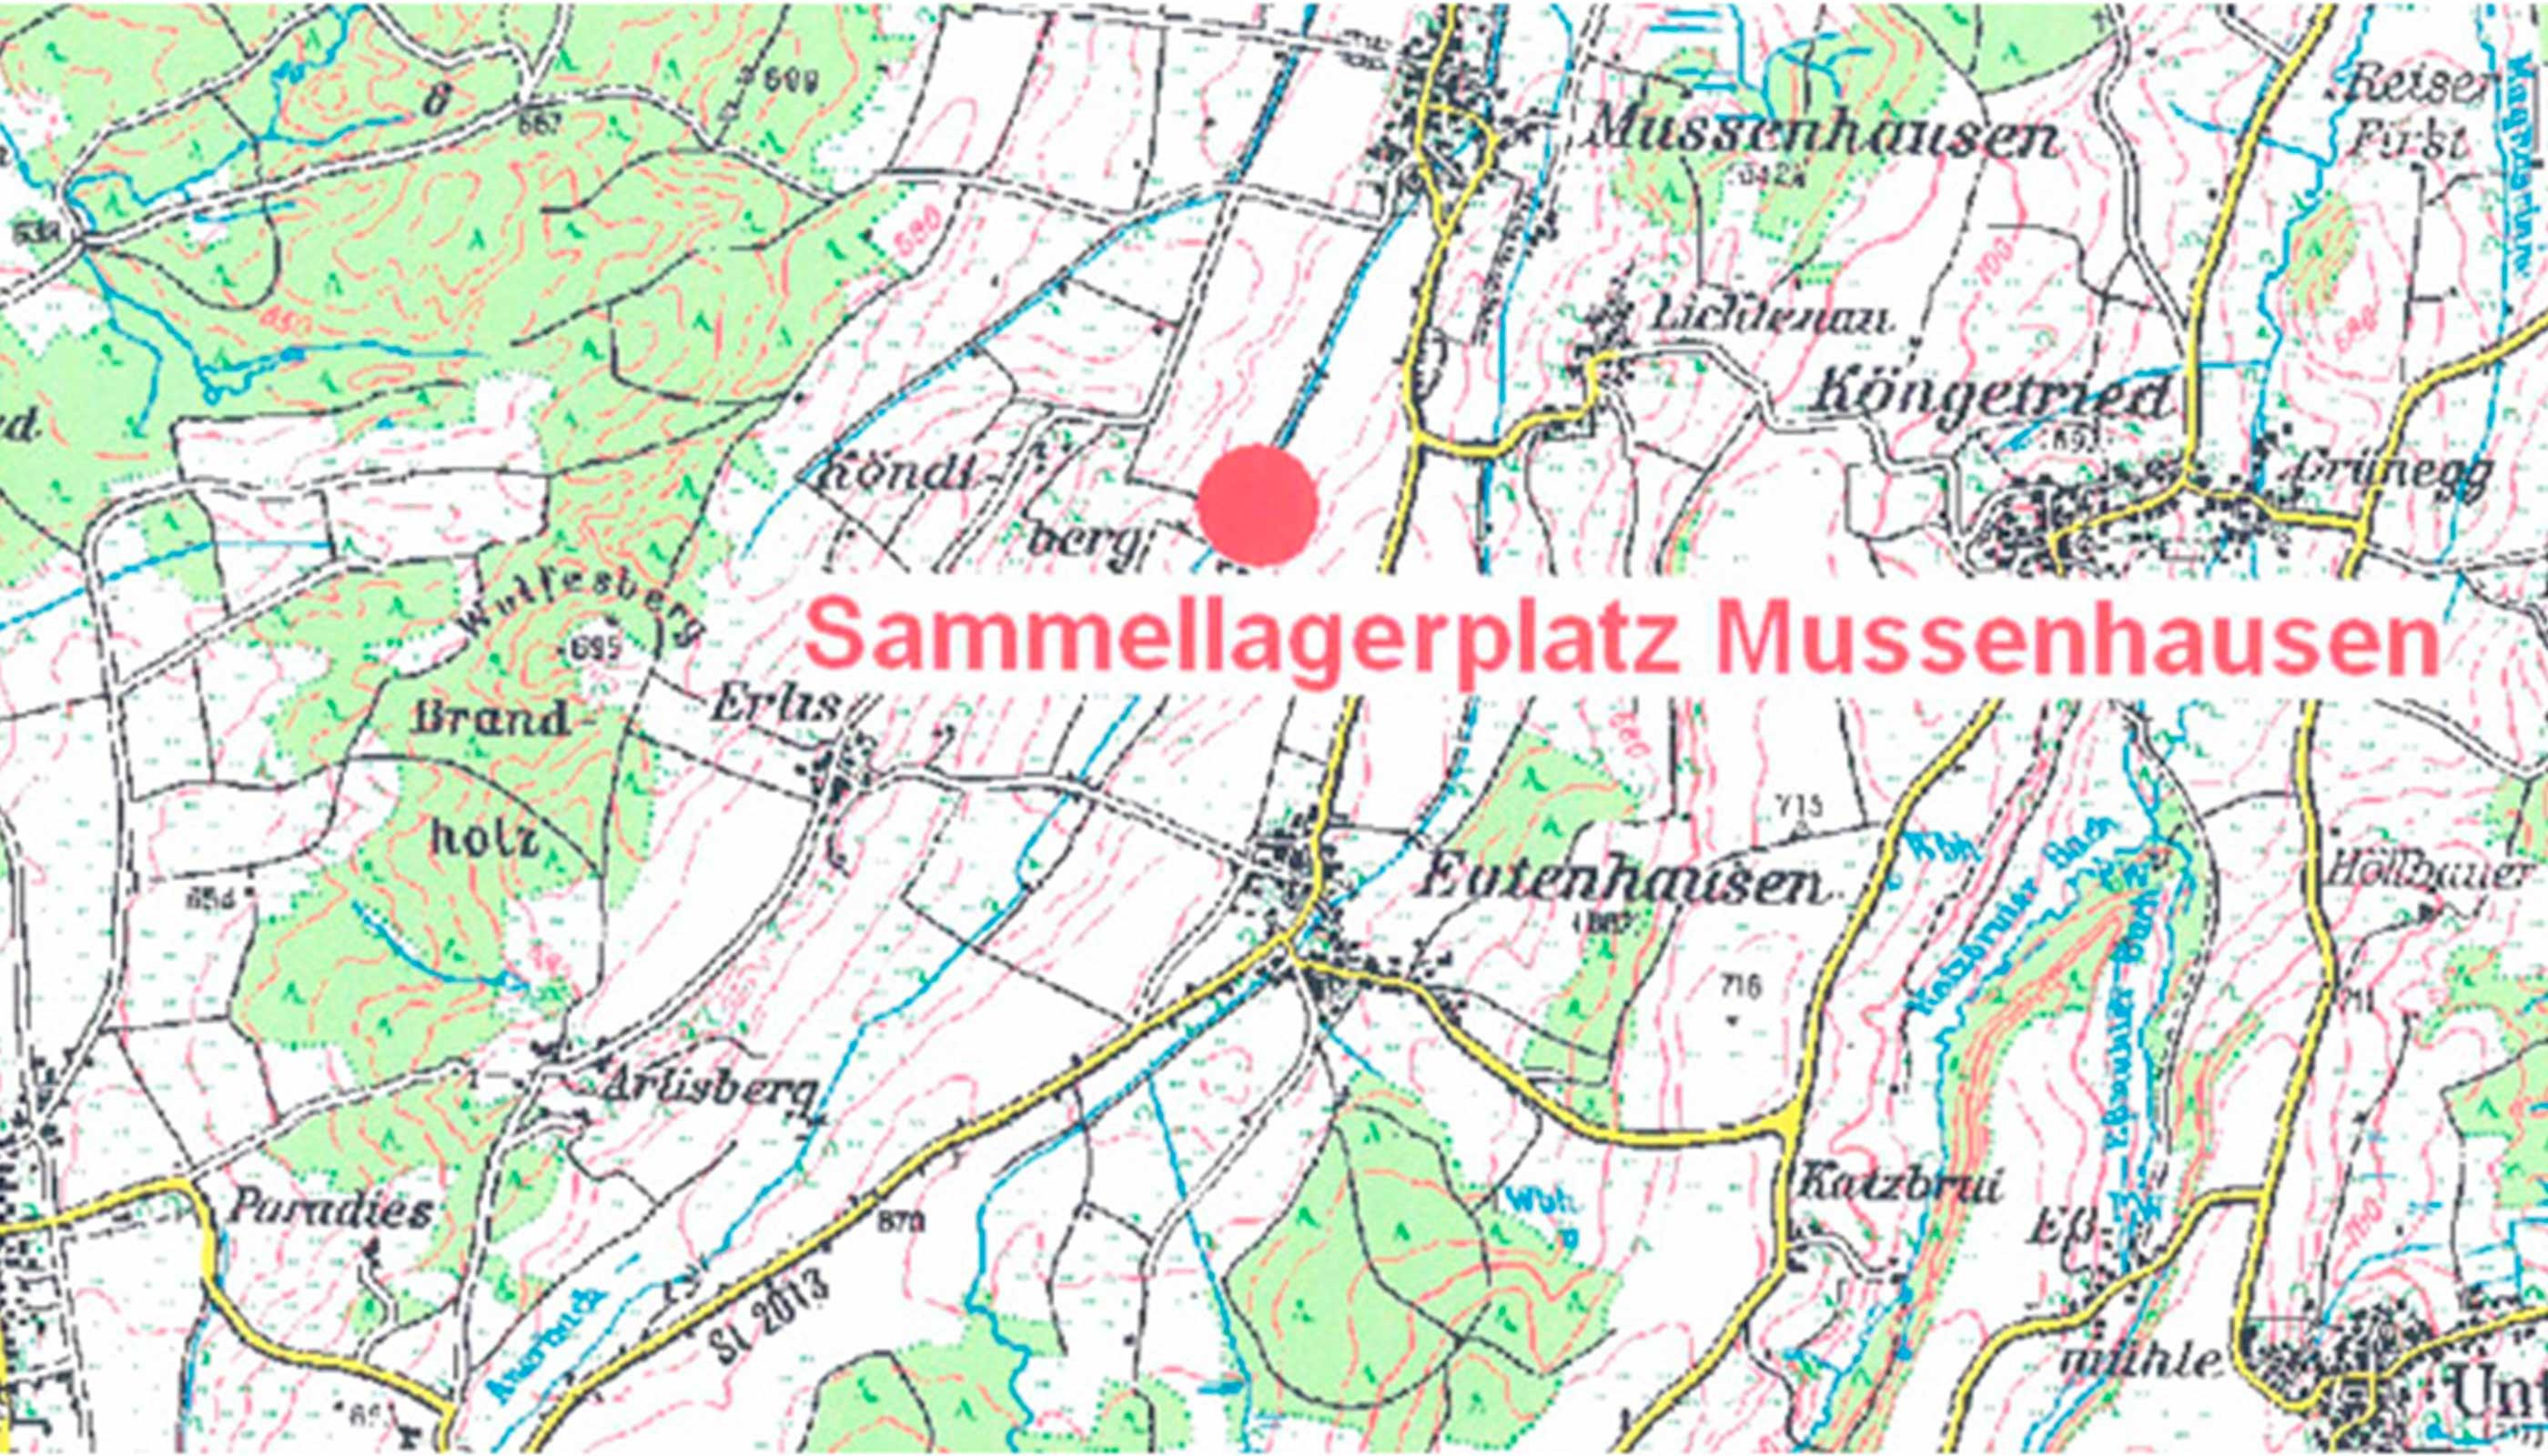 Sammellagerplatz Mussenhausen